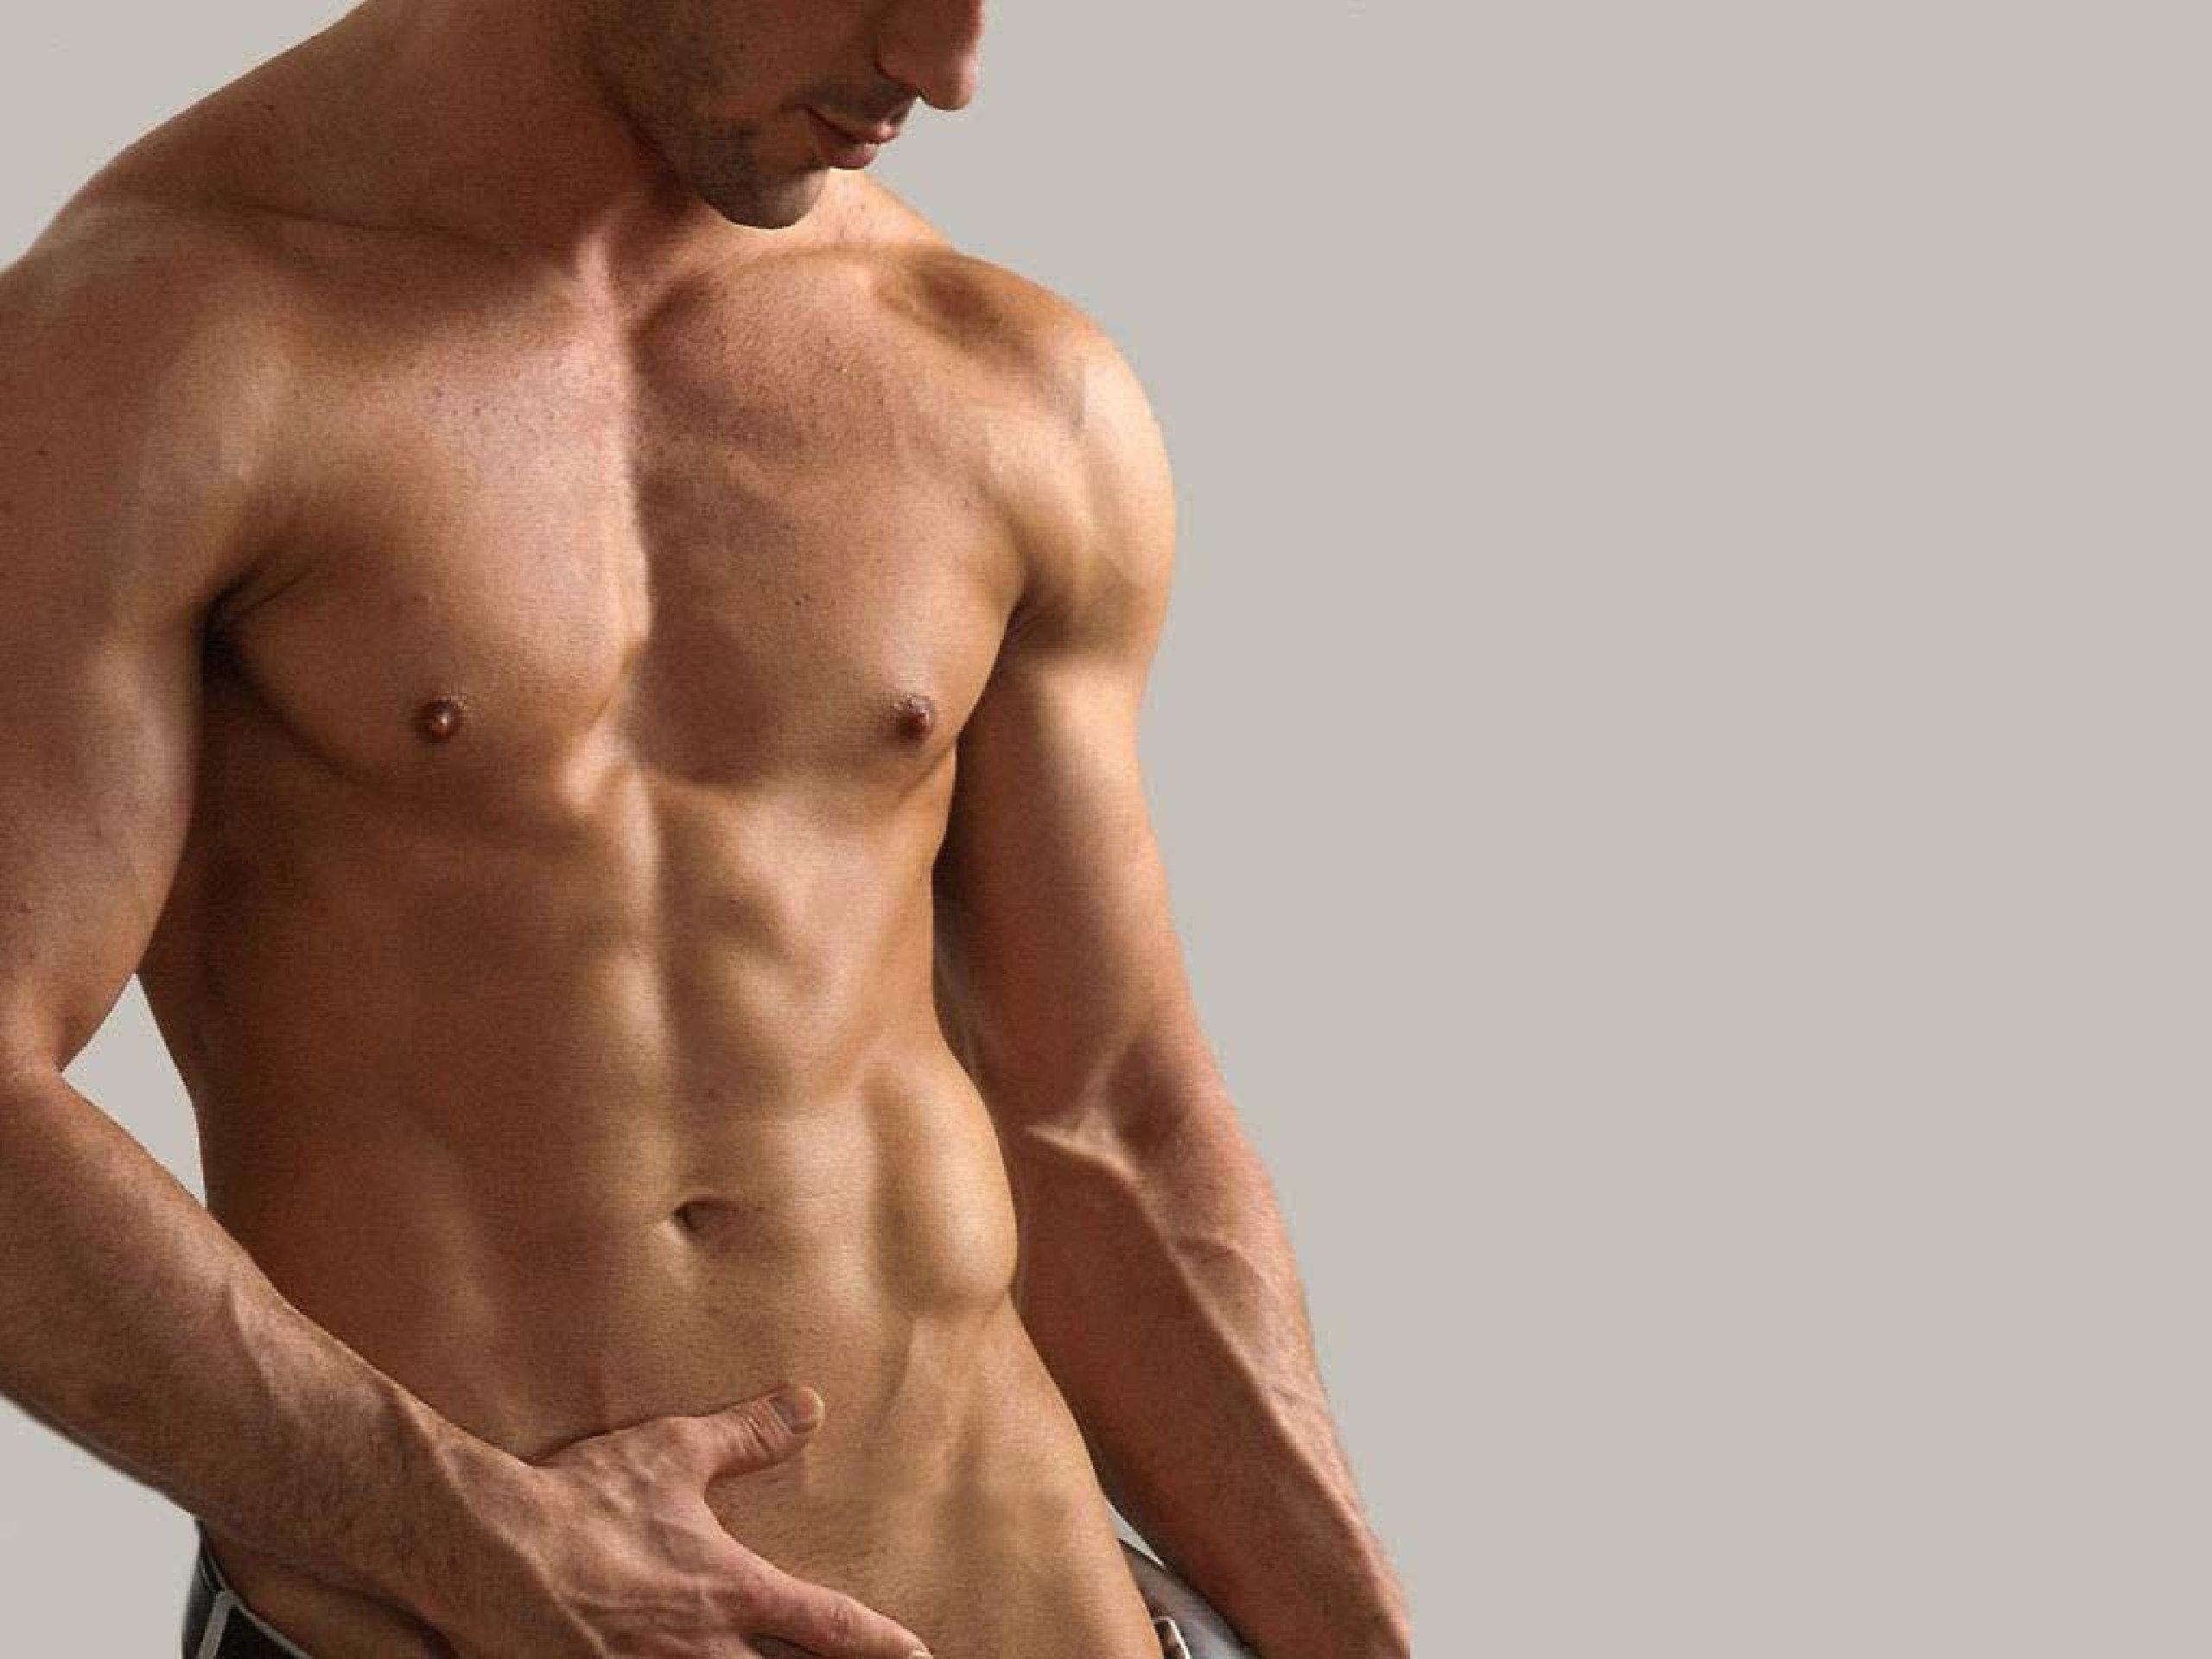 Фото красивого полового органа мужчины 17 фотография